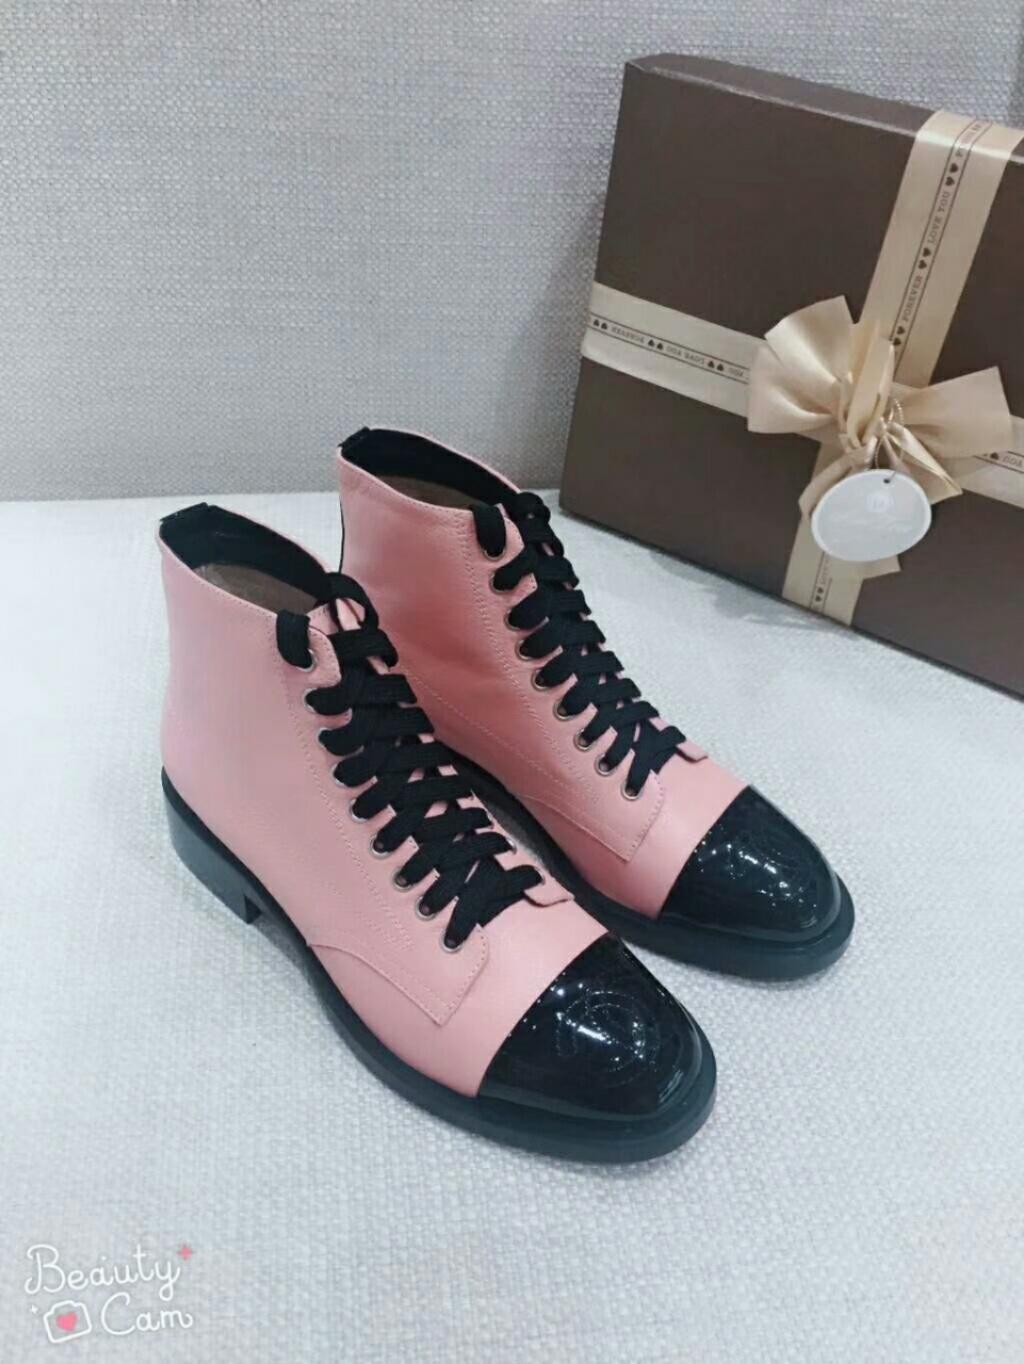 Chanel レディース 靴 3色 通販おすすめ ばれない おすすめ 安全店舗 672609